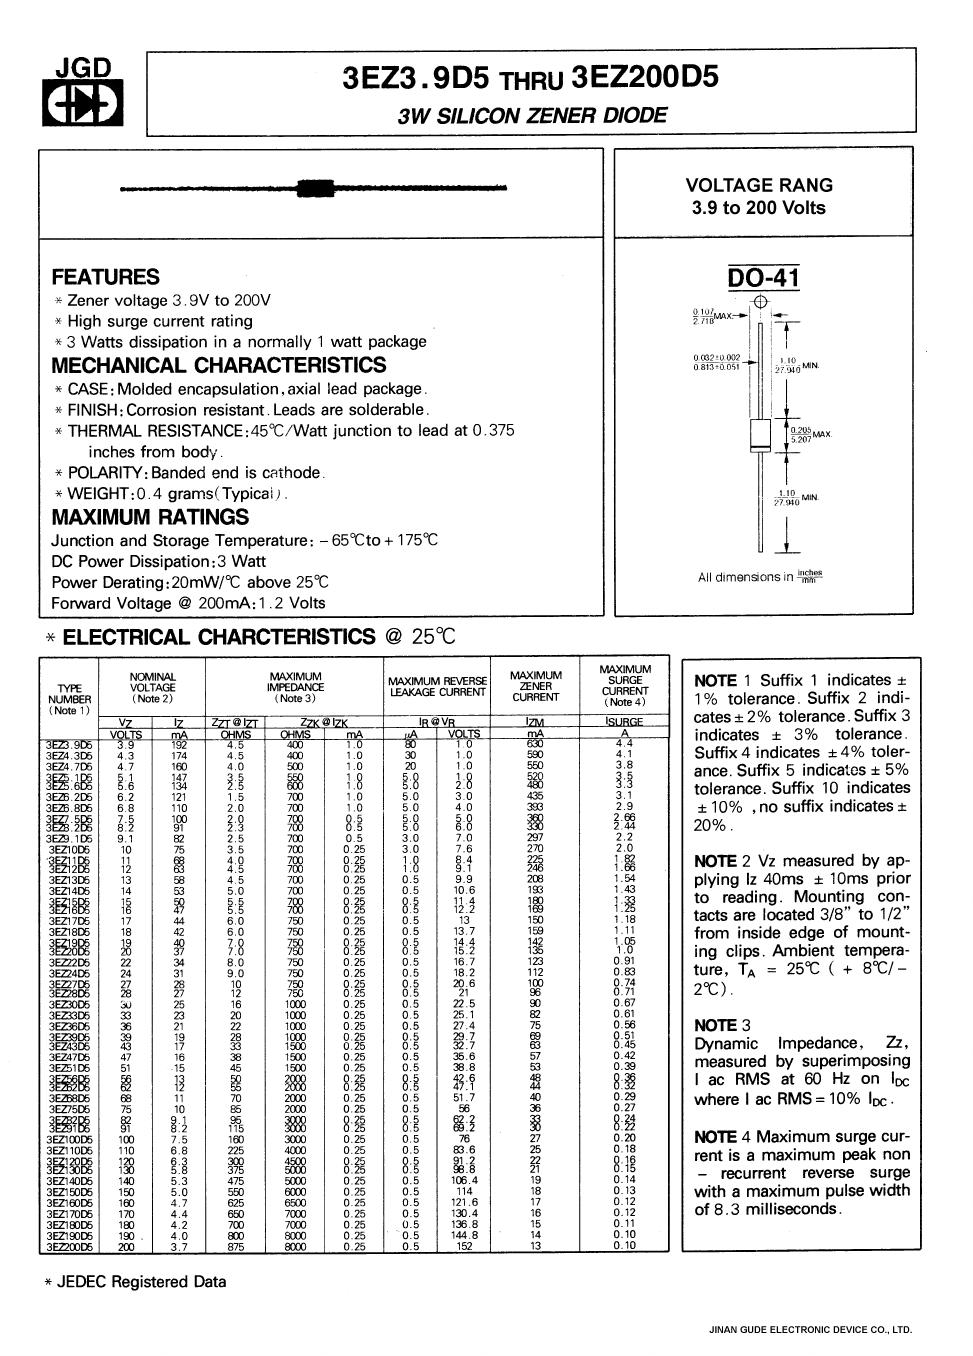 3EZ9.1D5 دیتاشیت PDF